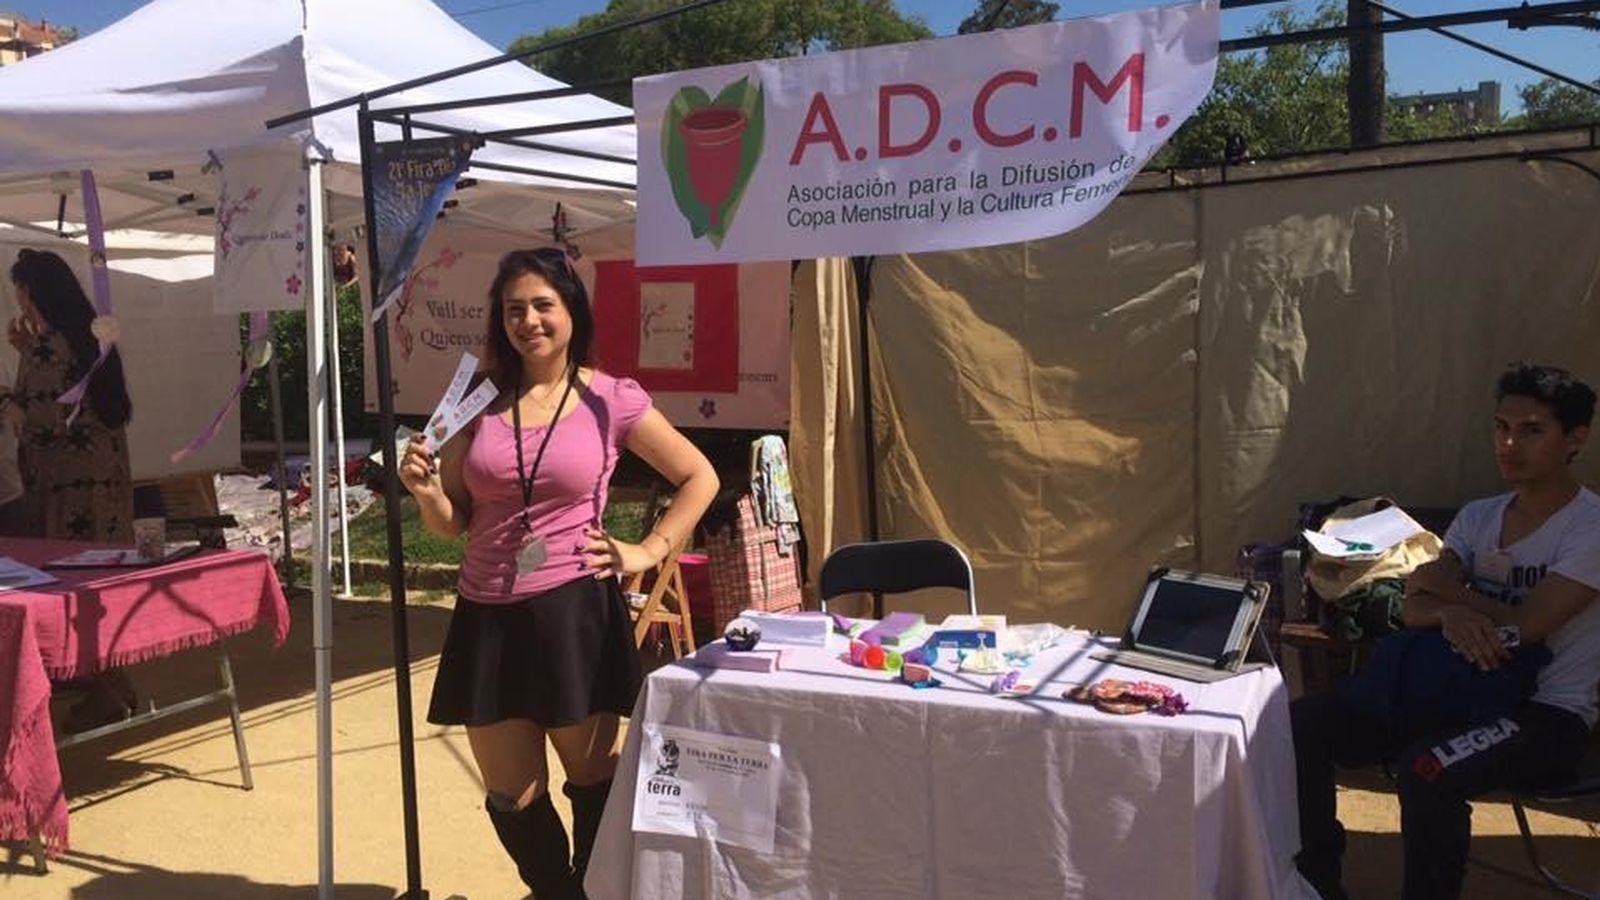 Foto: La Asociación para la Difusión de la Copa Menstrual en la Fira de la Terra de Barcelona. (ADCM)